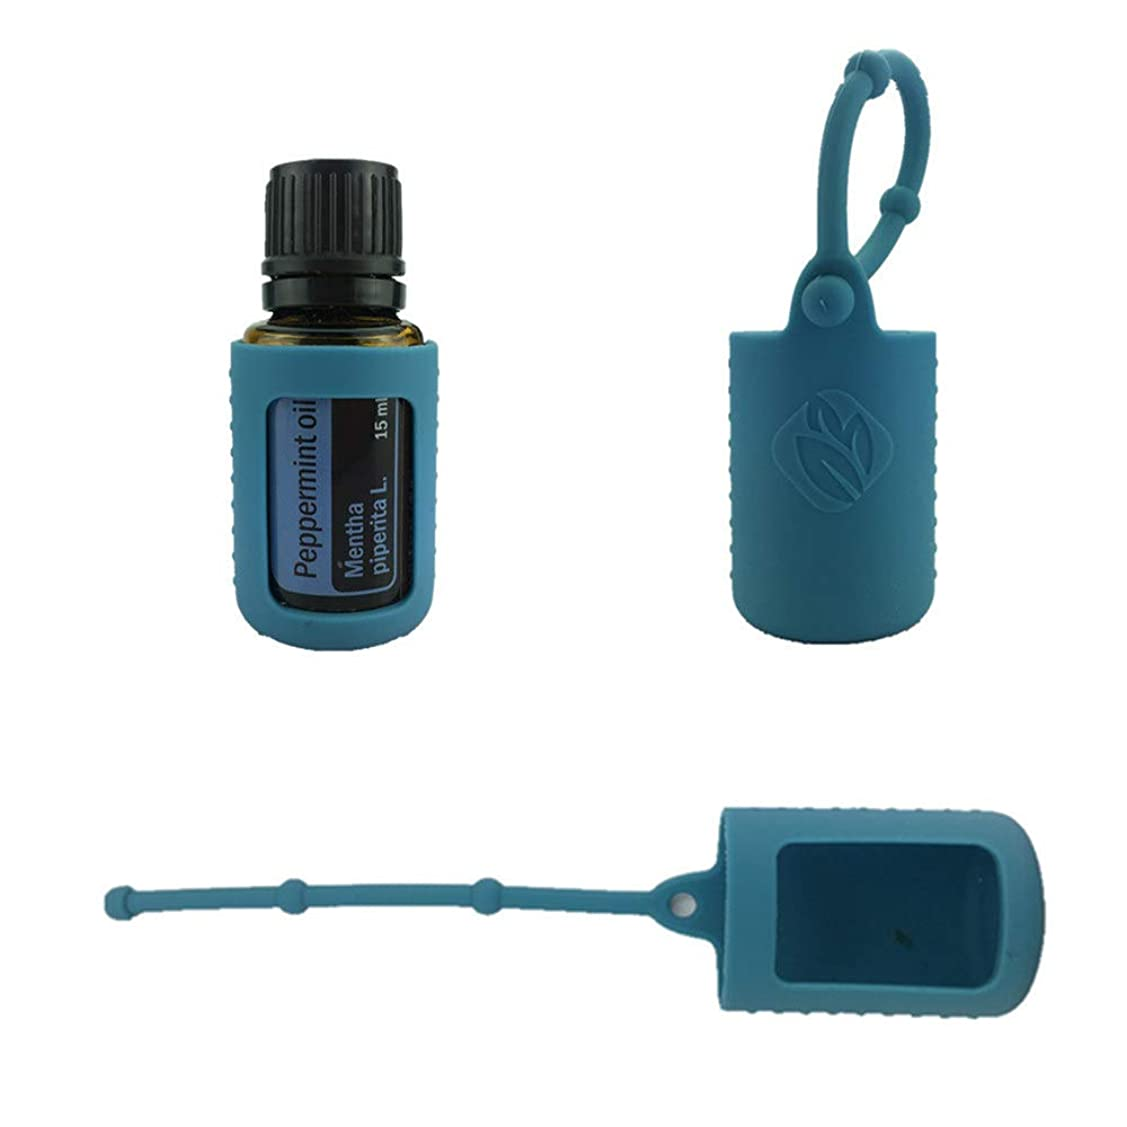 句読点不規則性ドラフト6パック熱望オイルボトルシリコンローラーボトルホルダースリーブエッセンシャルオイルボトル保護カバーケースハングロープ - ダンク ブルー - 6-pcs 10ml